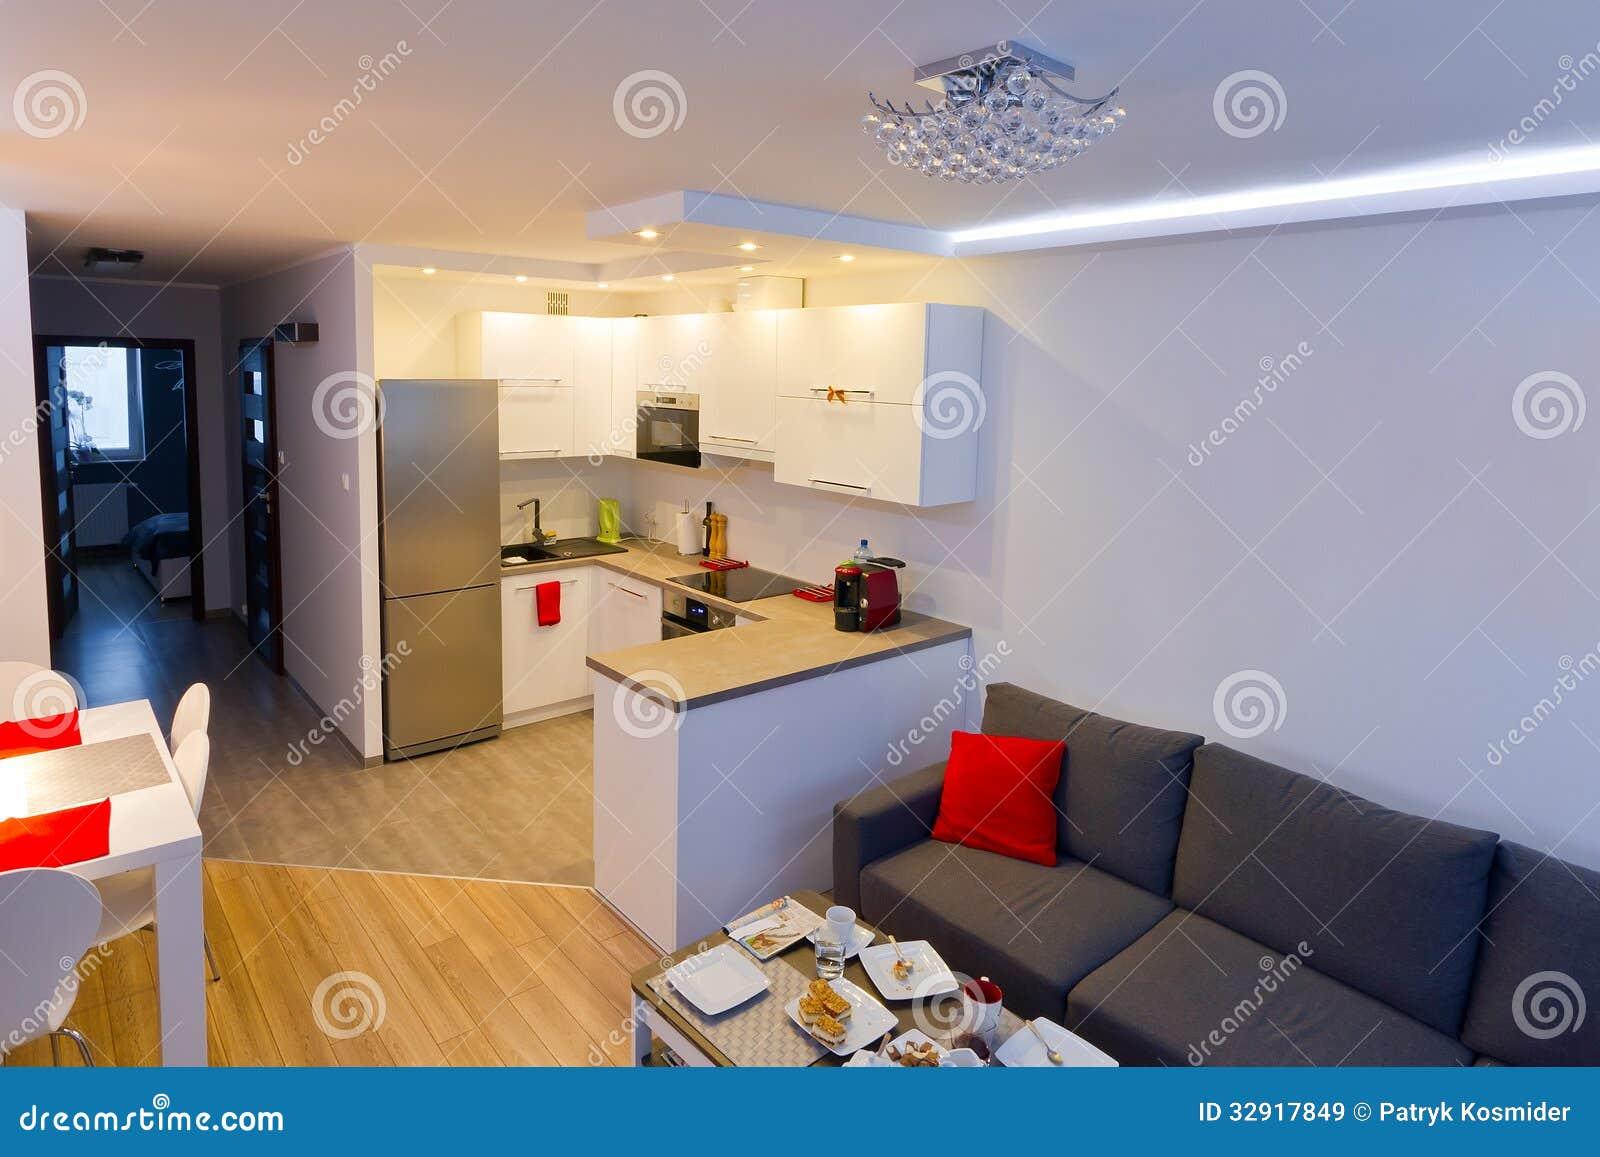 Sala De Tv Y Cocina ~ Sala De Visitas Moderna Com Cozinha Imagens de Stock Royalty Free